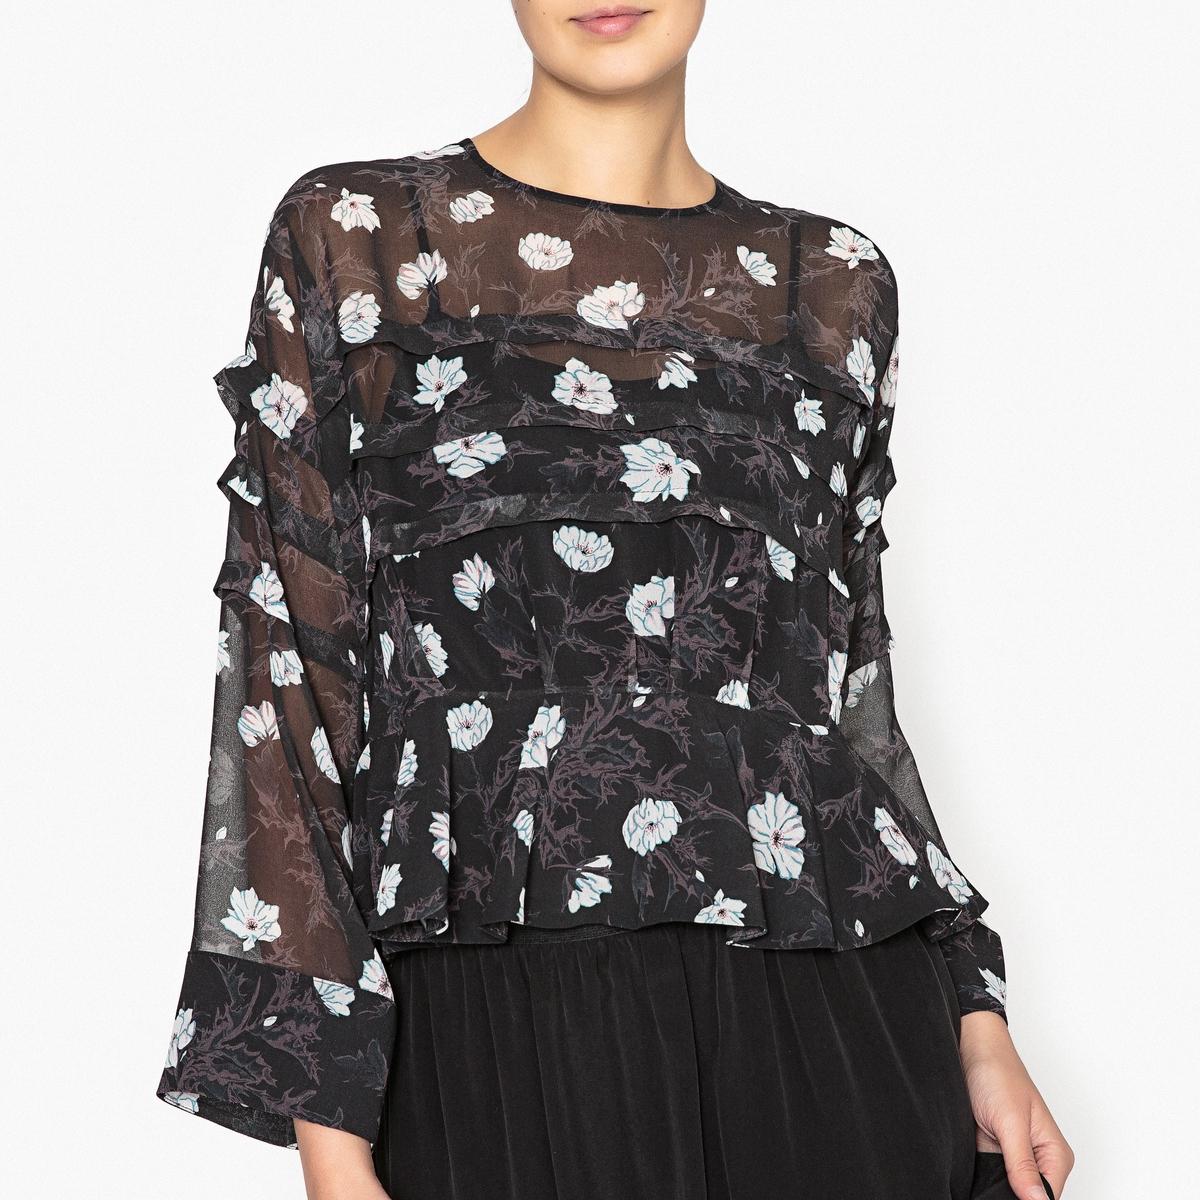 Блузка с рисунком и накладными воланами скатерть новогодняя сказка 140х220 см 1022492